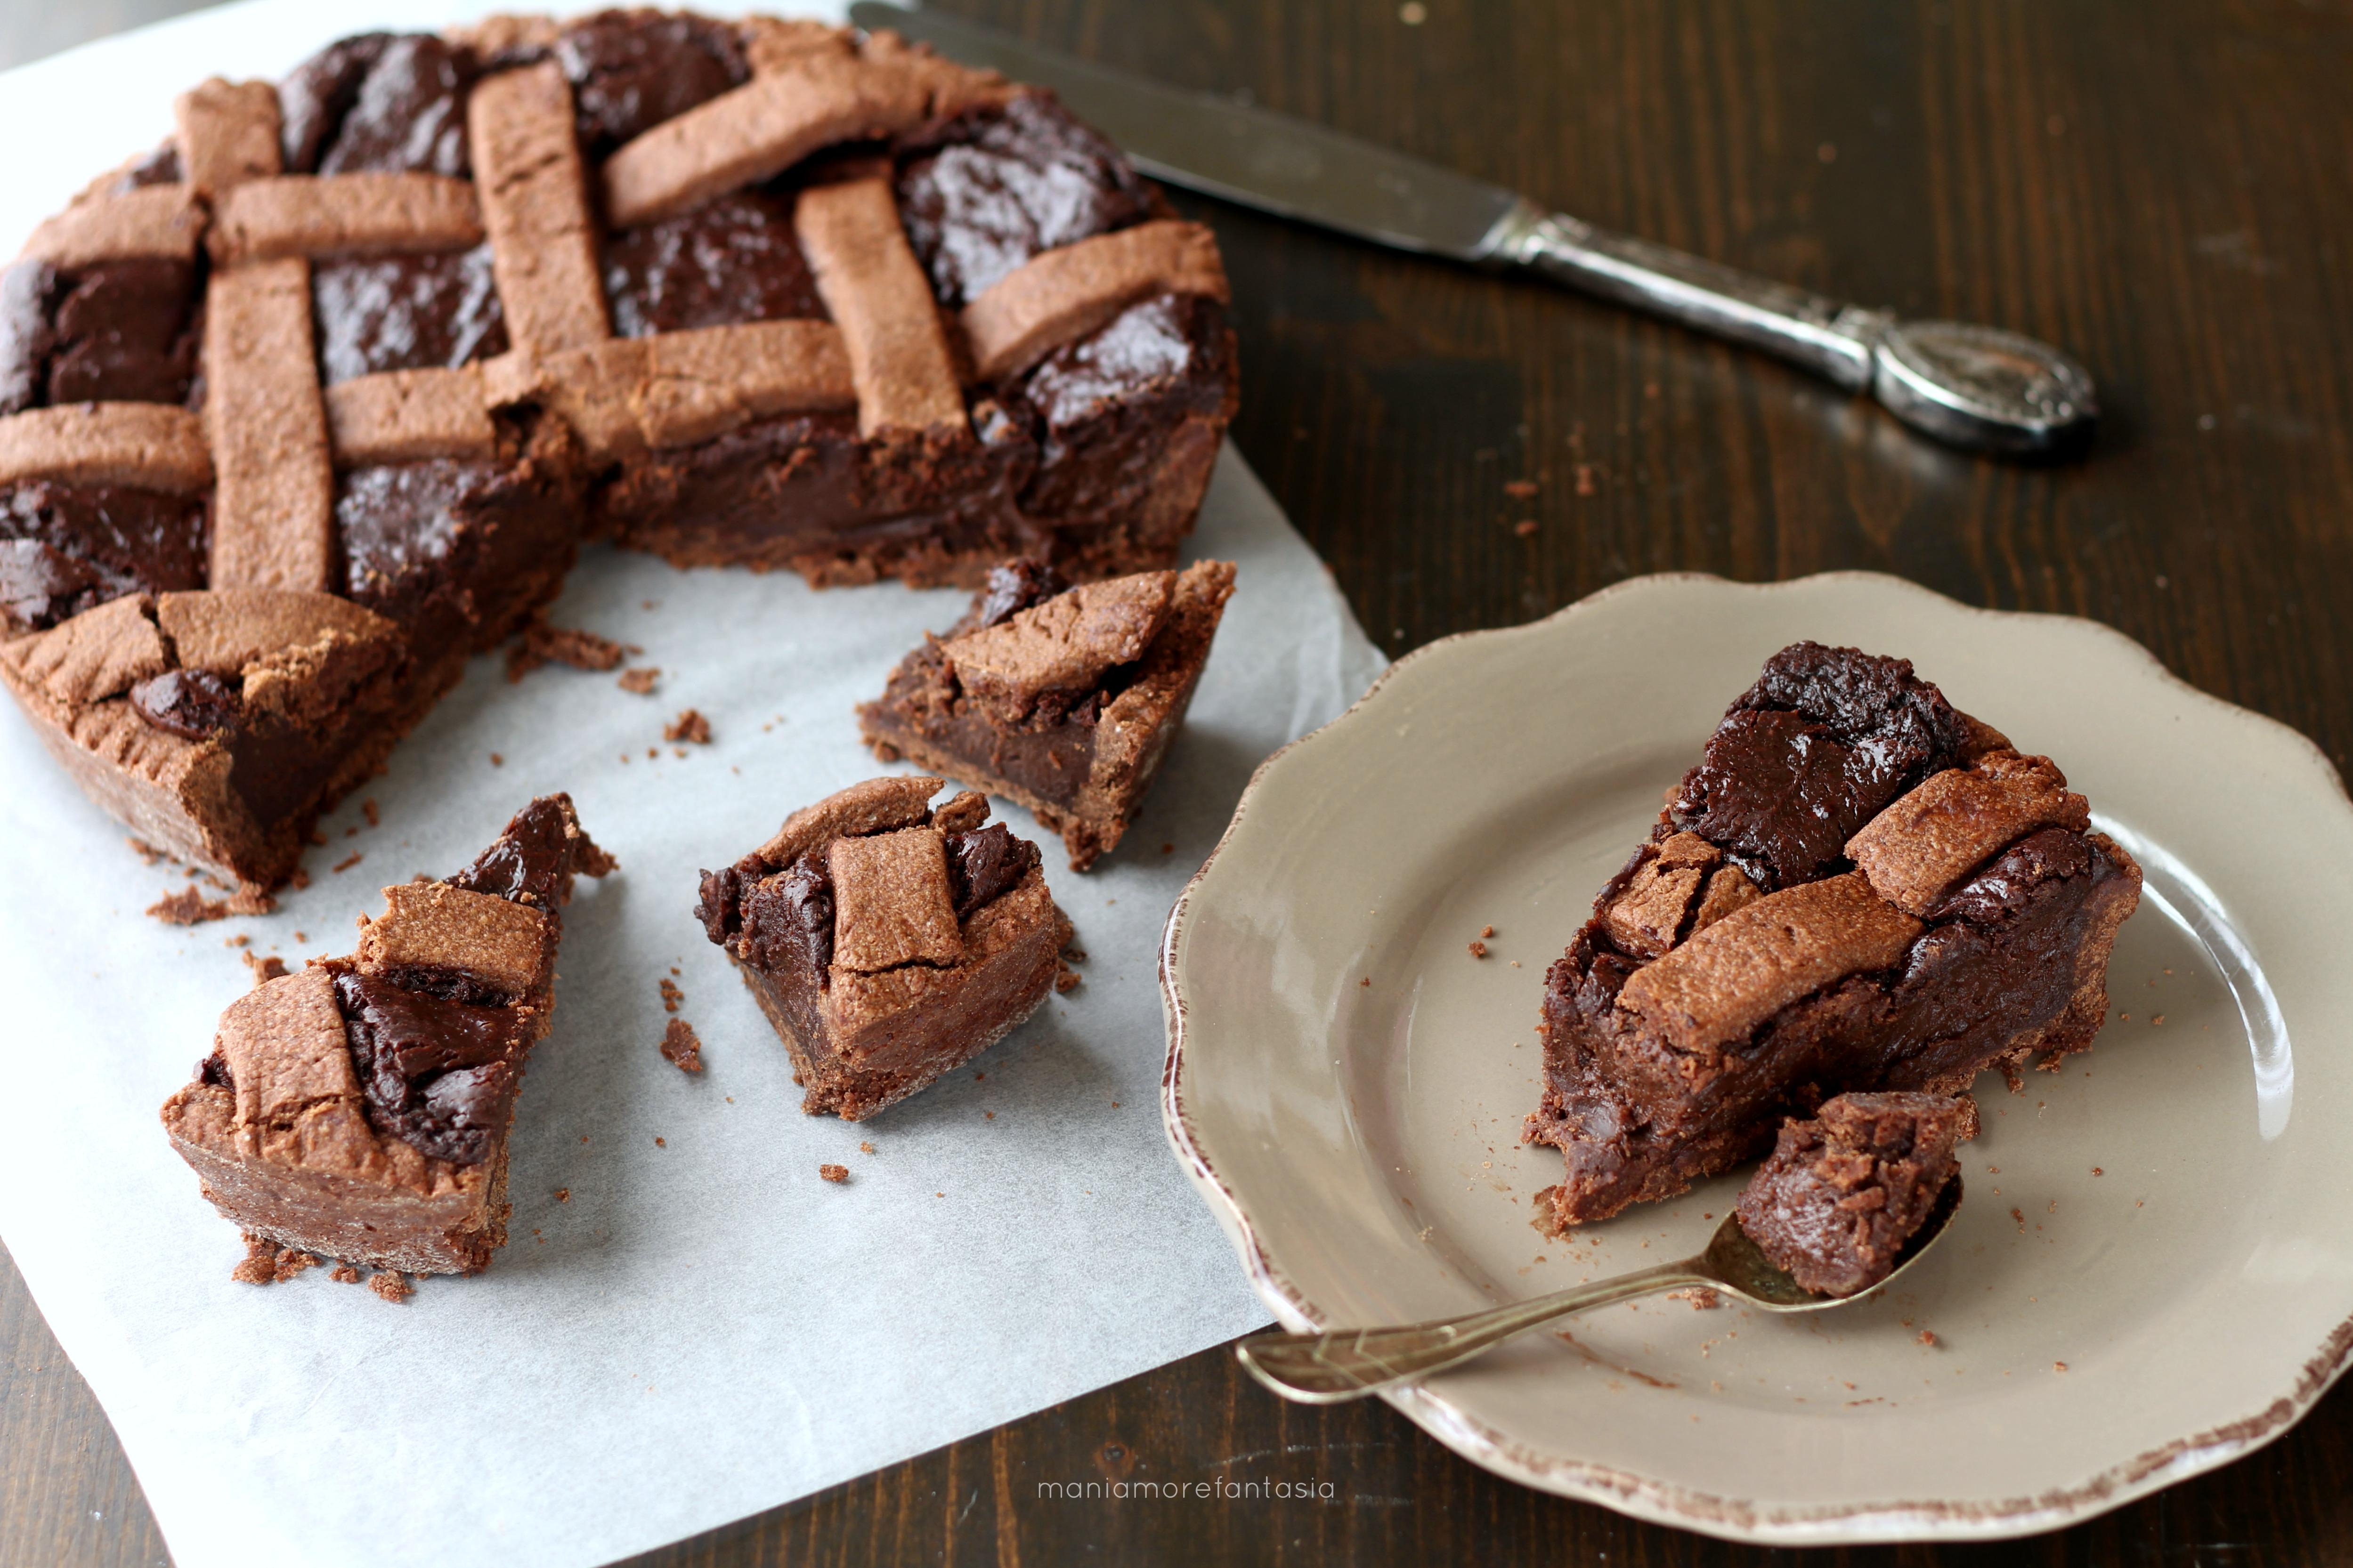 crostata tutta al cioccolato cremosa